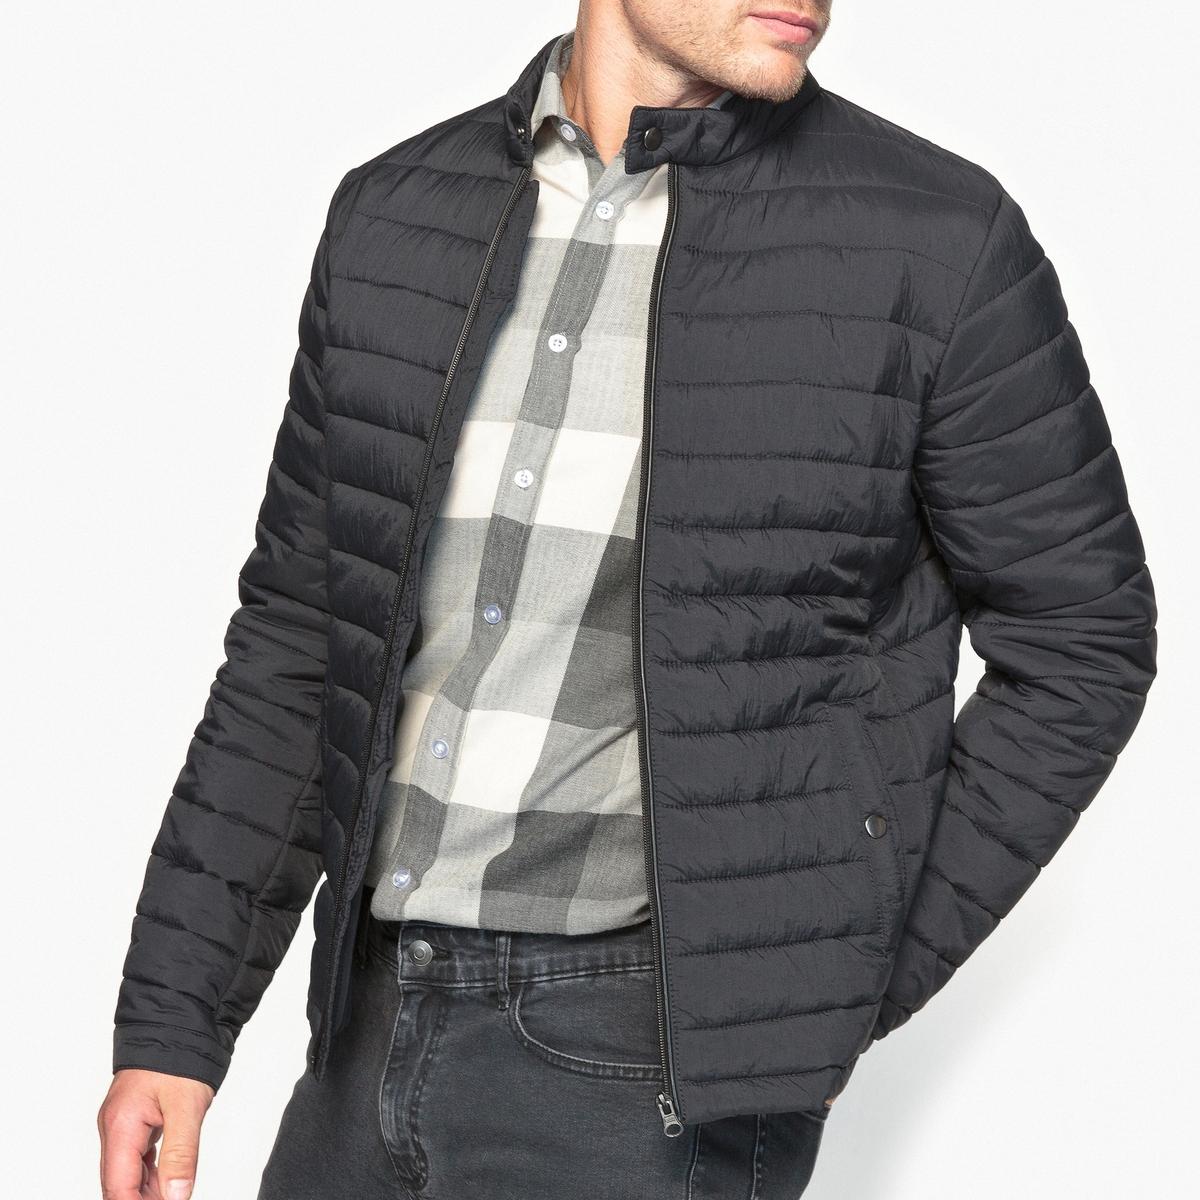 Куртка стеганая легкая, оригинальная, с водоотталкивающей пропиткой